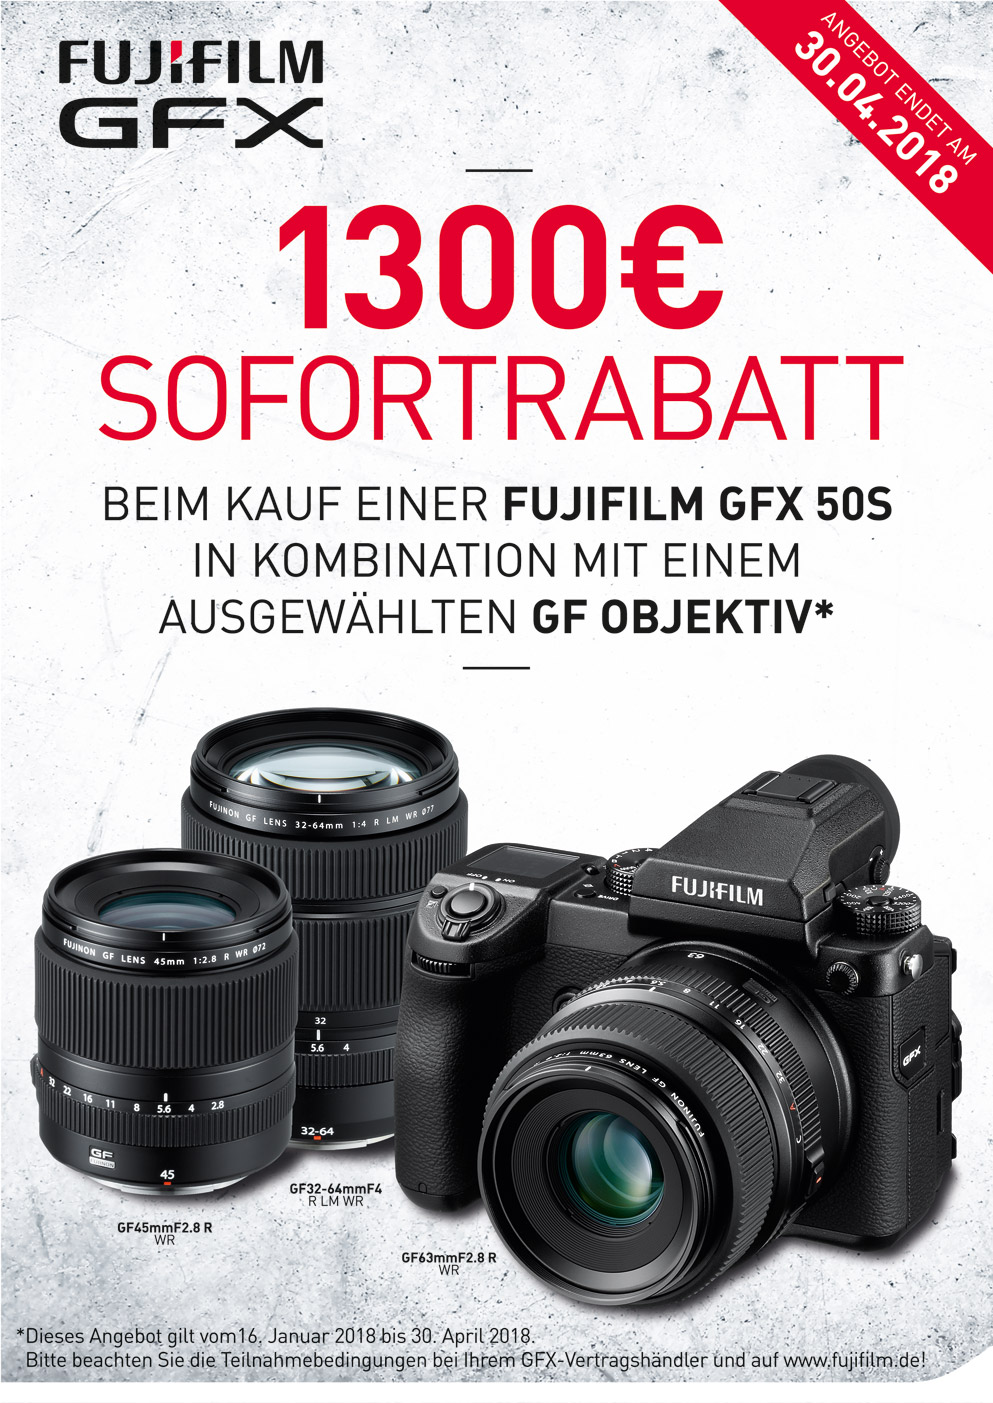 Fujifilm GFX Sofortrabatt